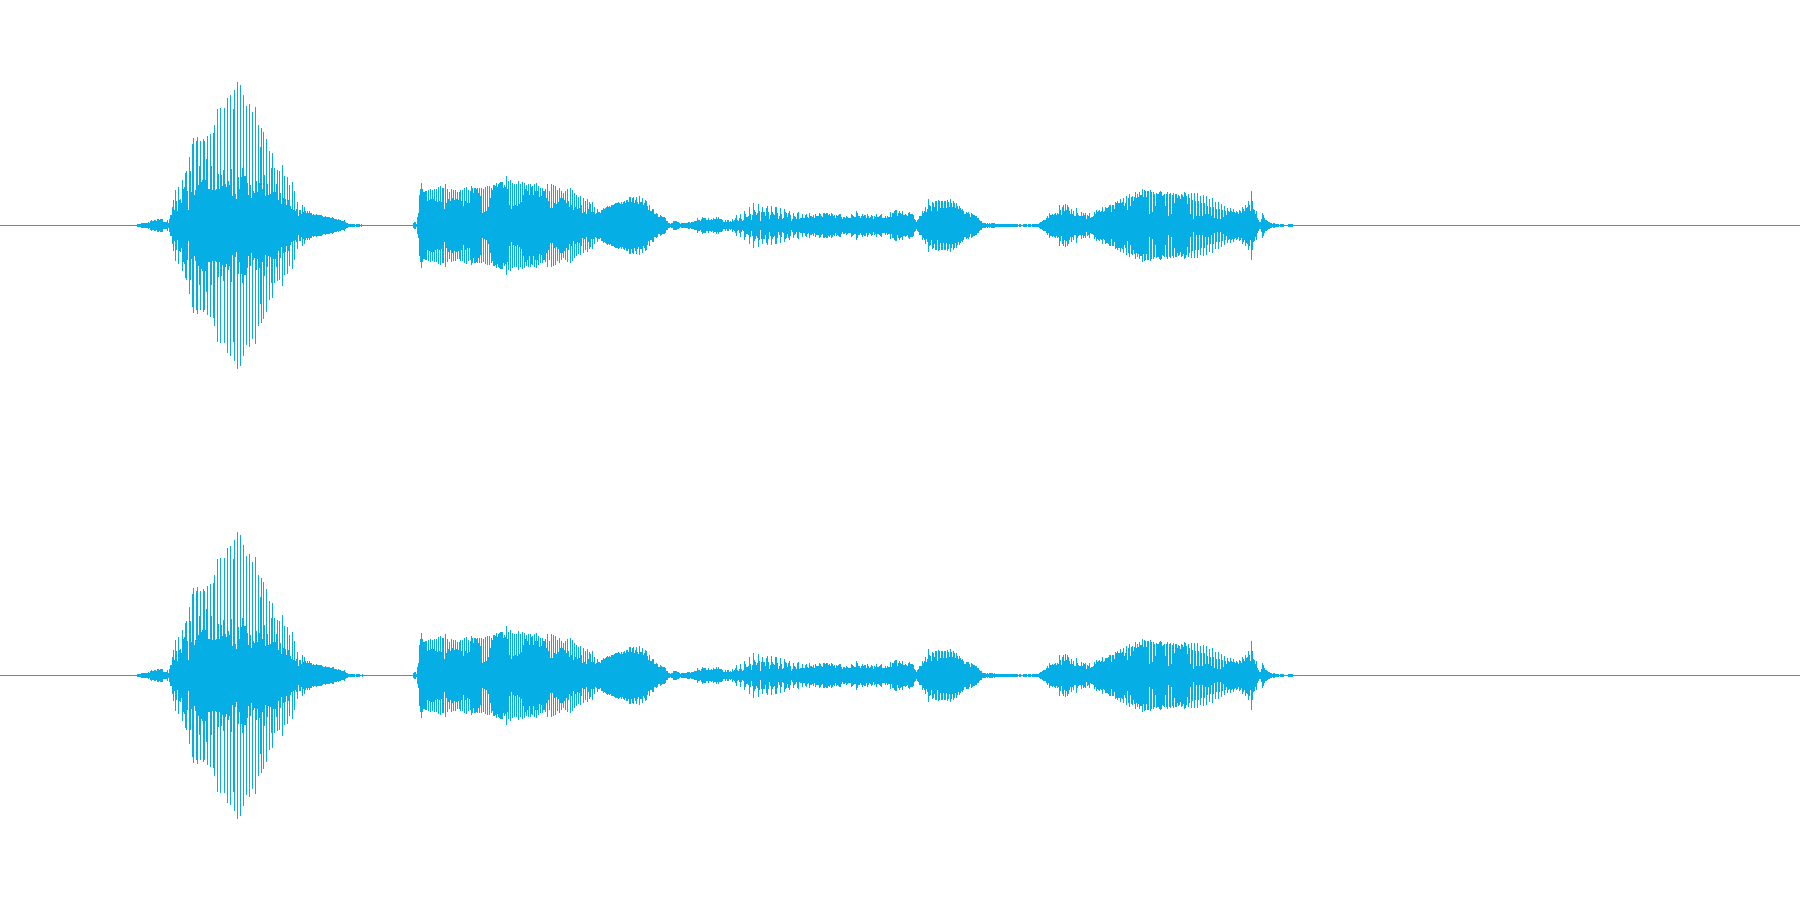 キャンペーン実施中_1の再生済みの波形